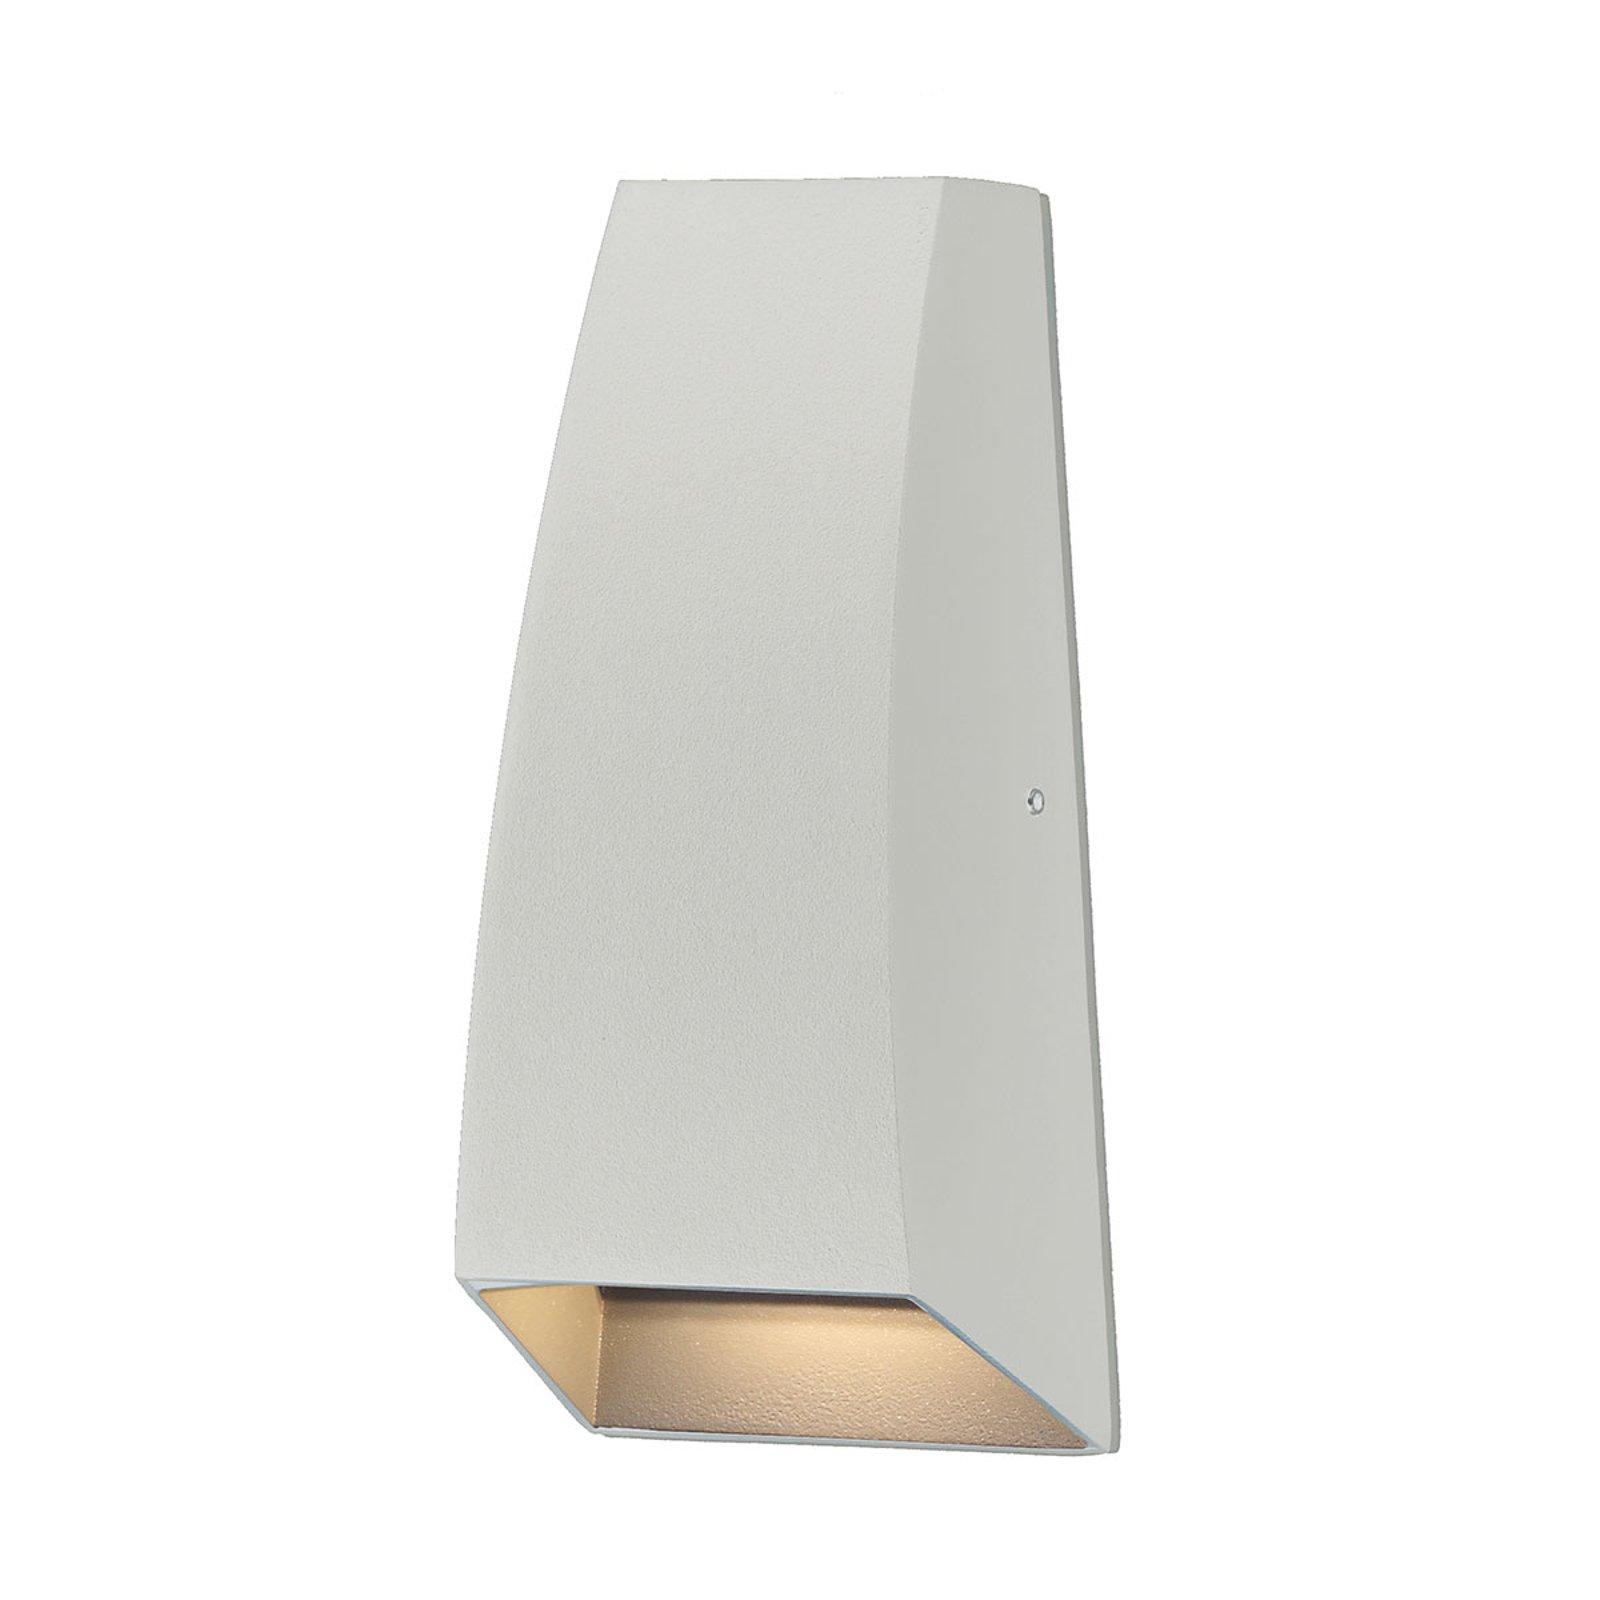 Jackson utendørs LED-vegglampe, hvit